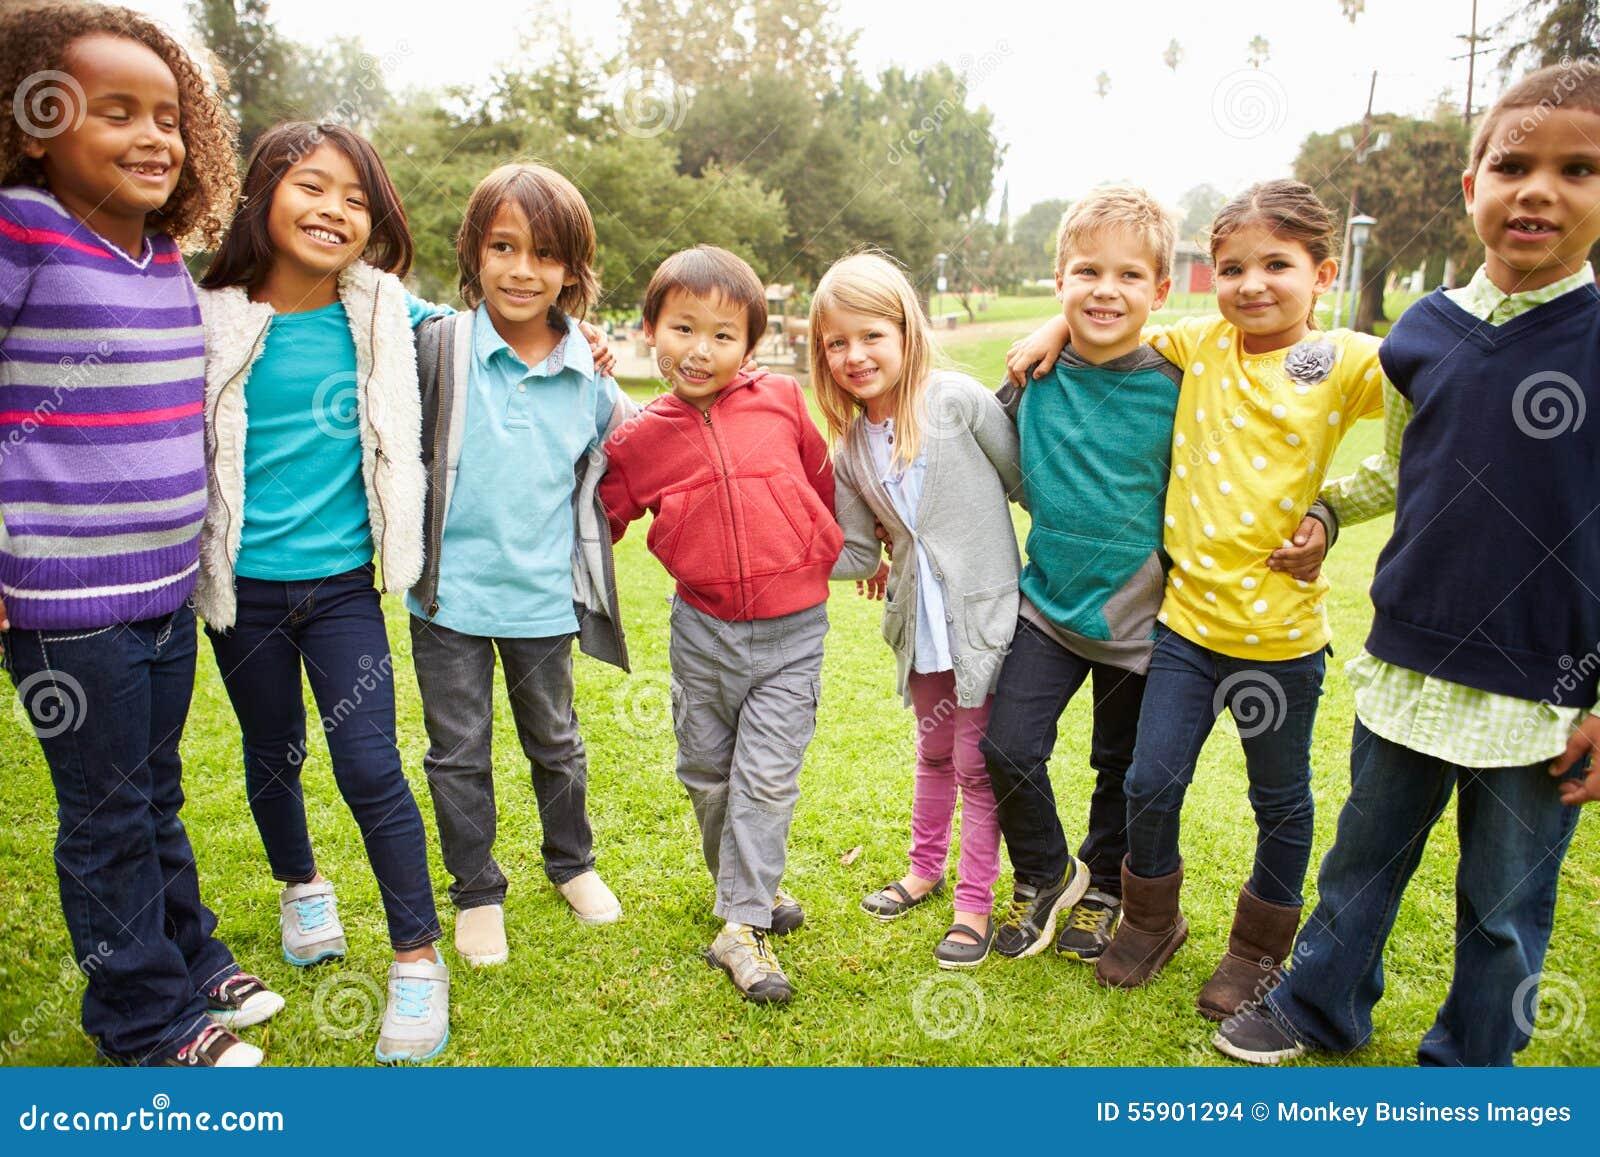 Gruppo di bambini piccoli che vanno in giro nel parco